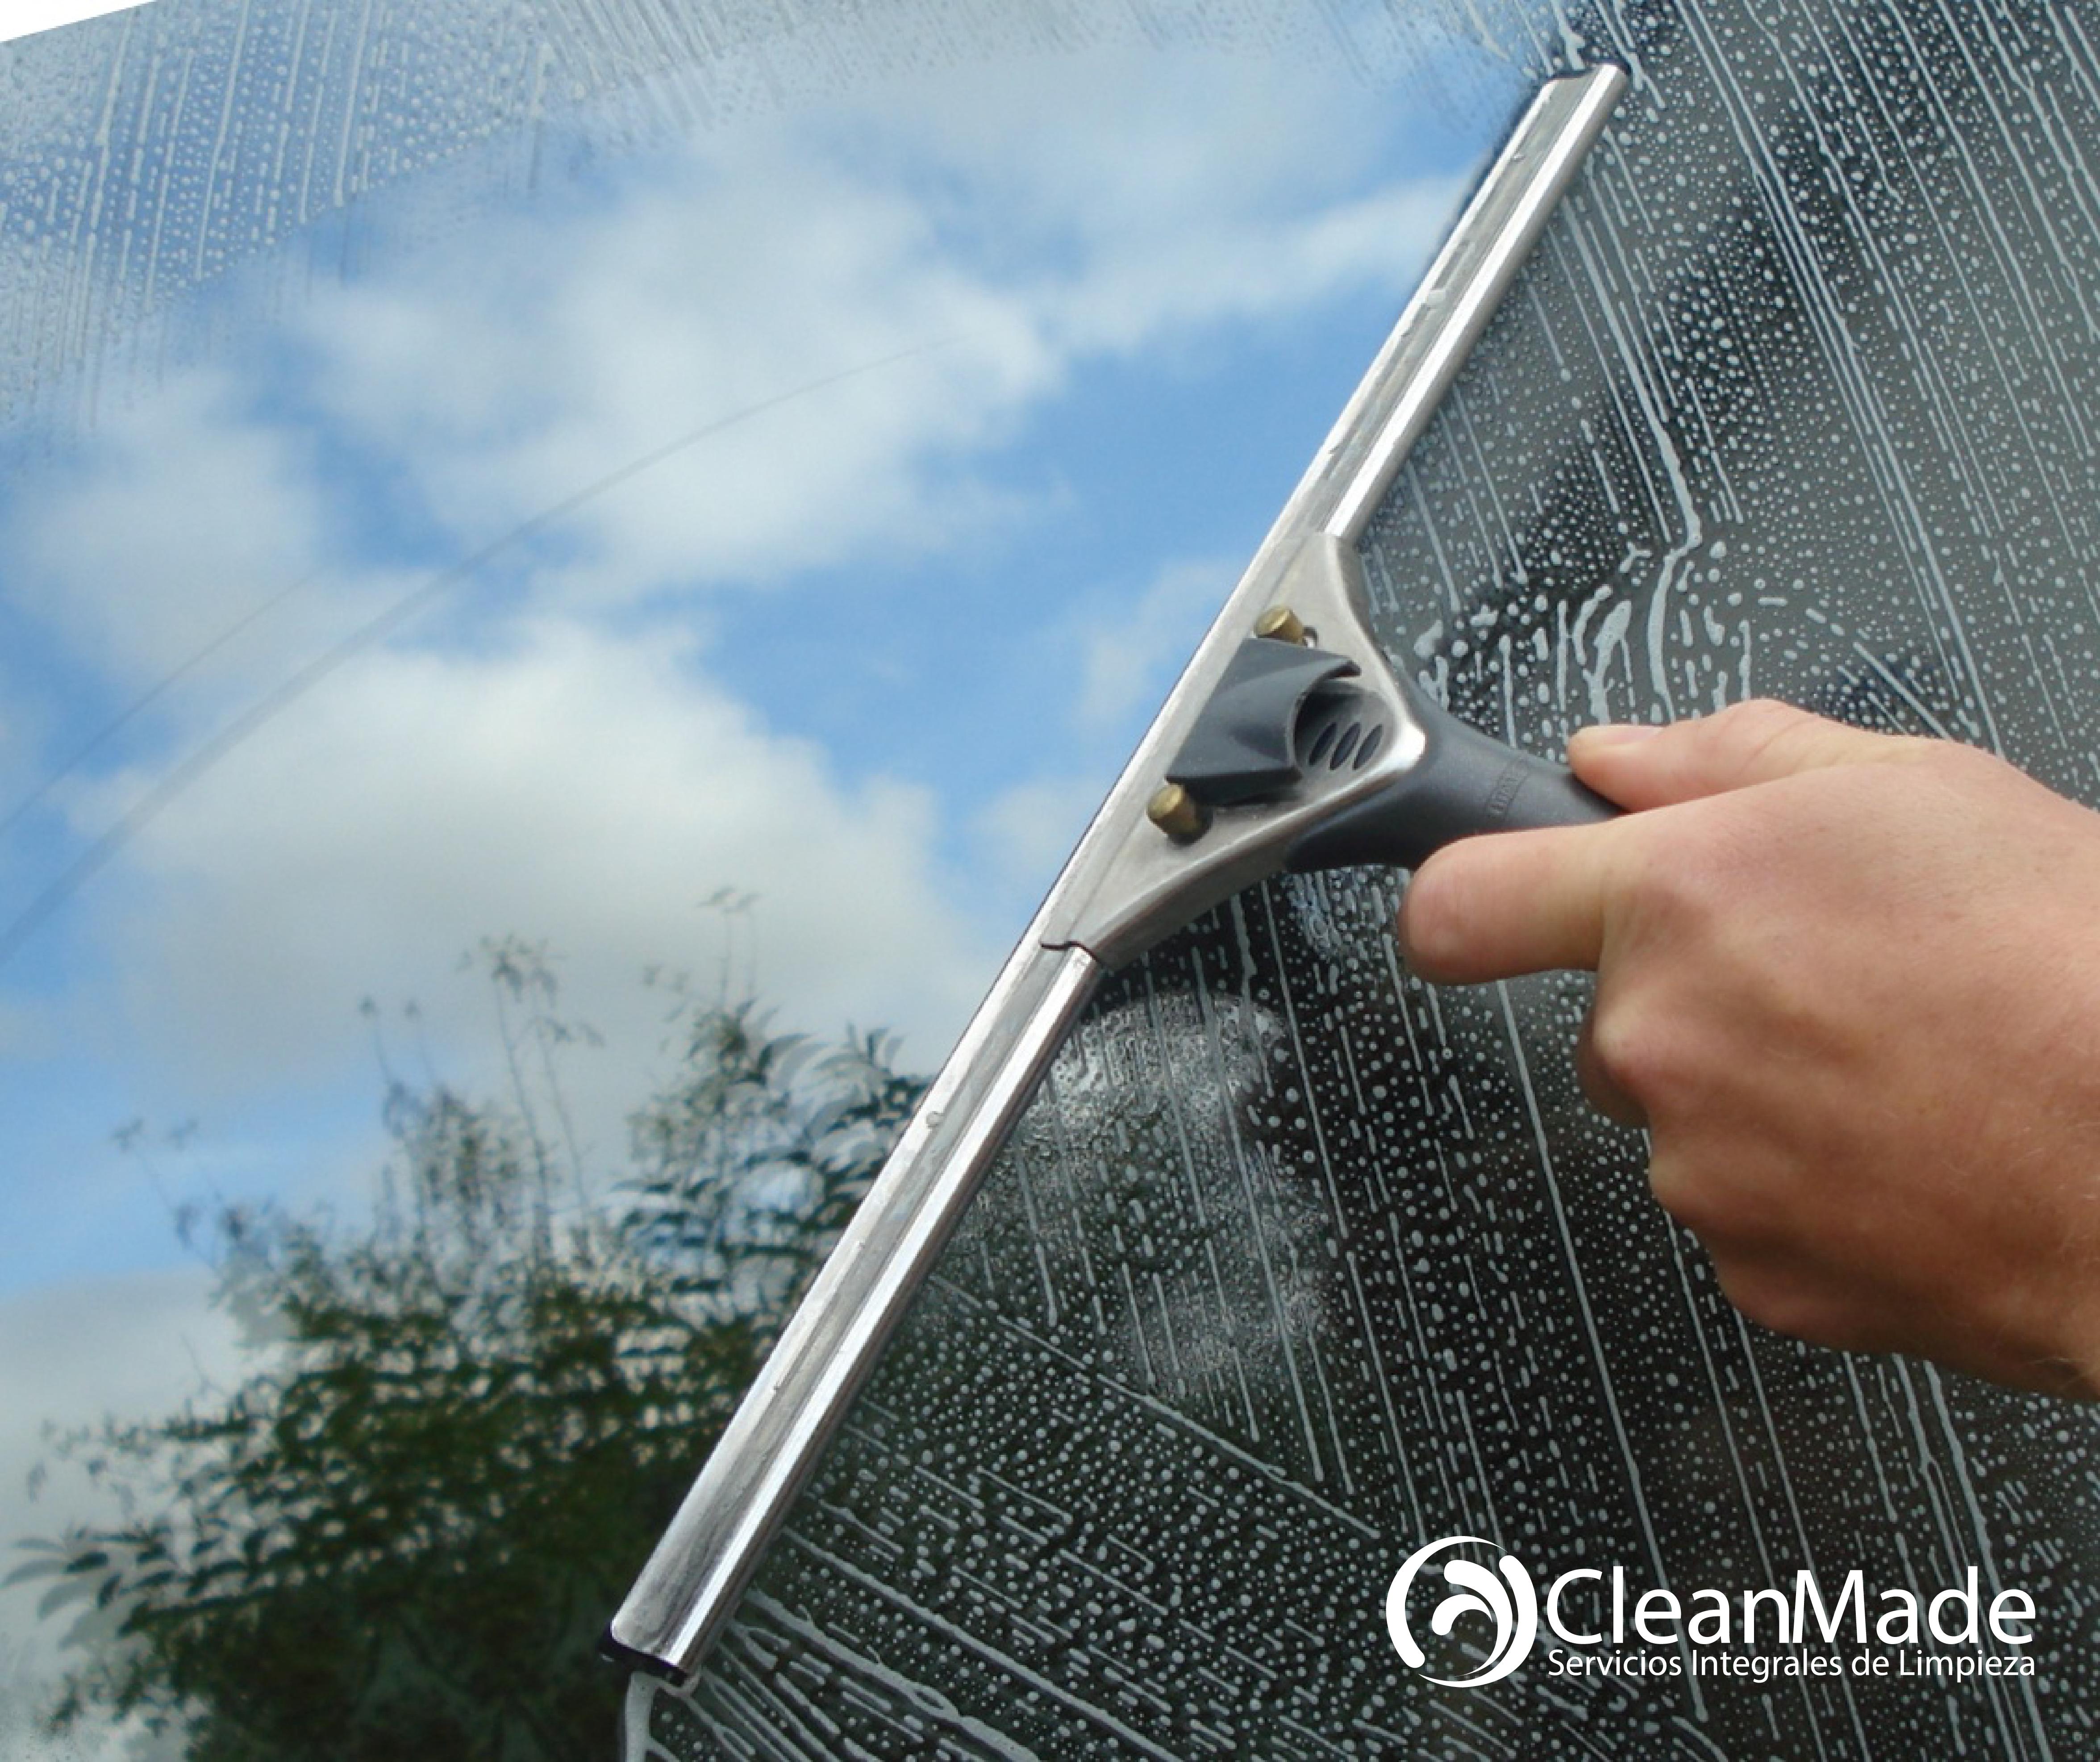 Limpieza De Oficinas Vidrios Y Ventanas Cleanmade El Servicio  ~ Limpieza De Ventanas Y Cristales